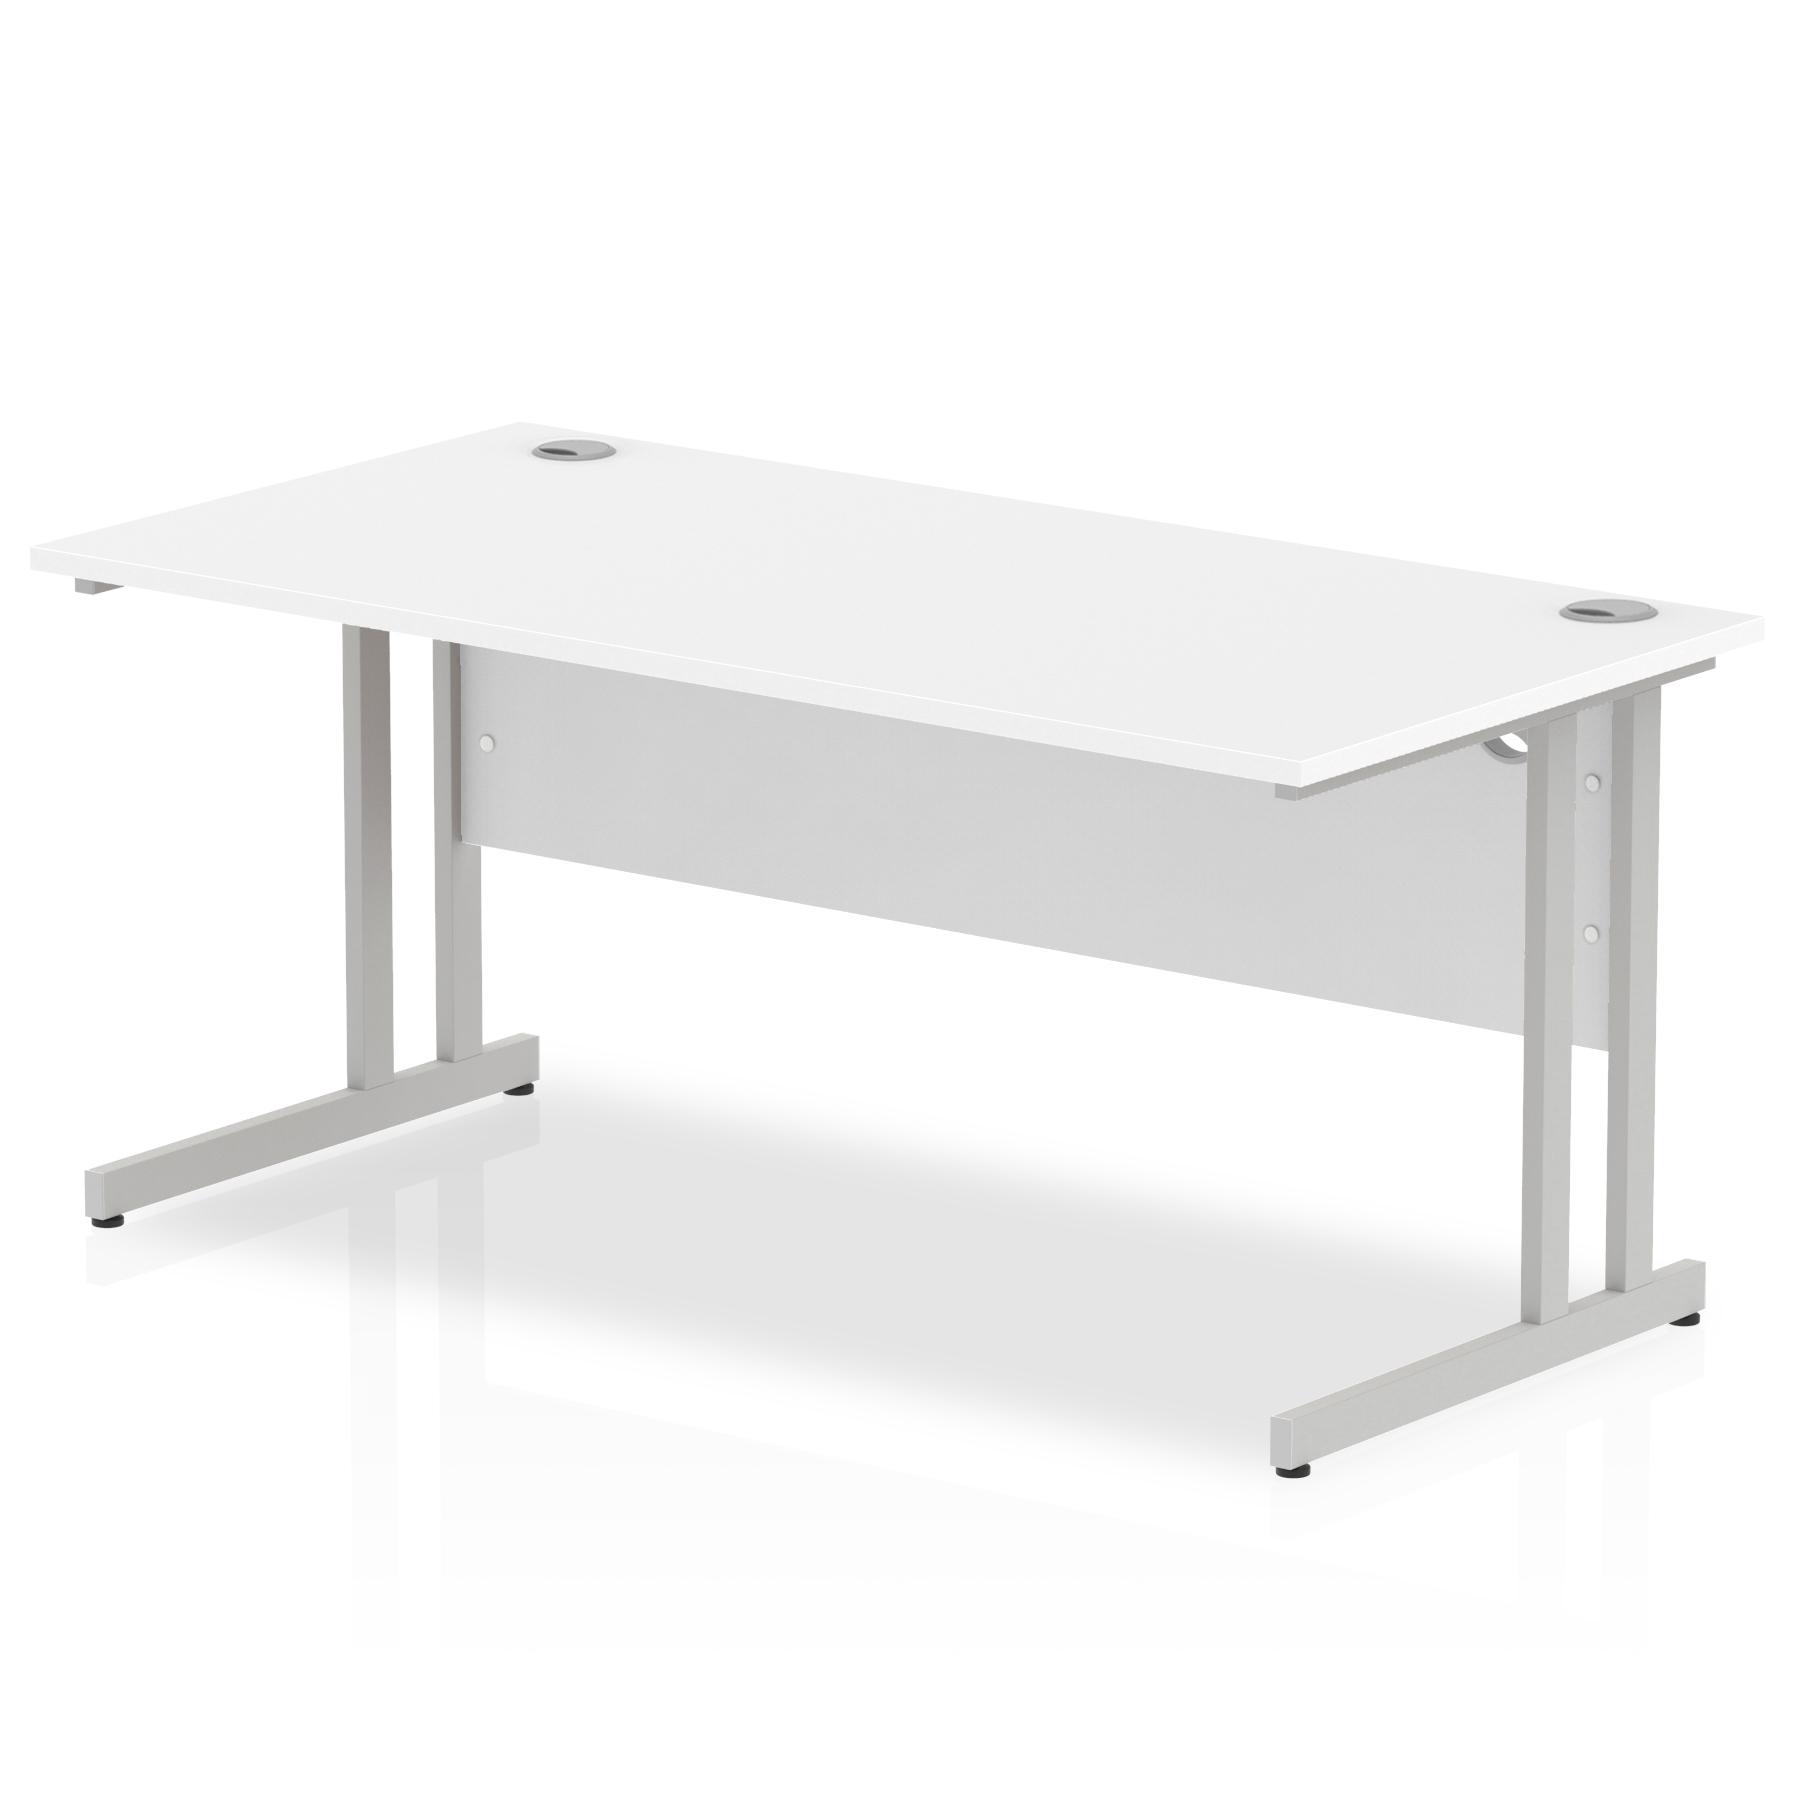 Rectangular Desks Impulse 1600 x 800mm Straight Desk White Top Silver Cantilever Leg I000307